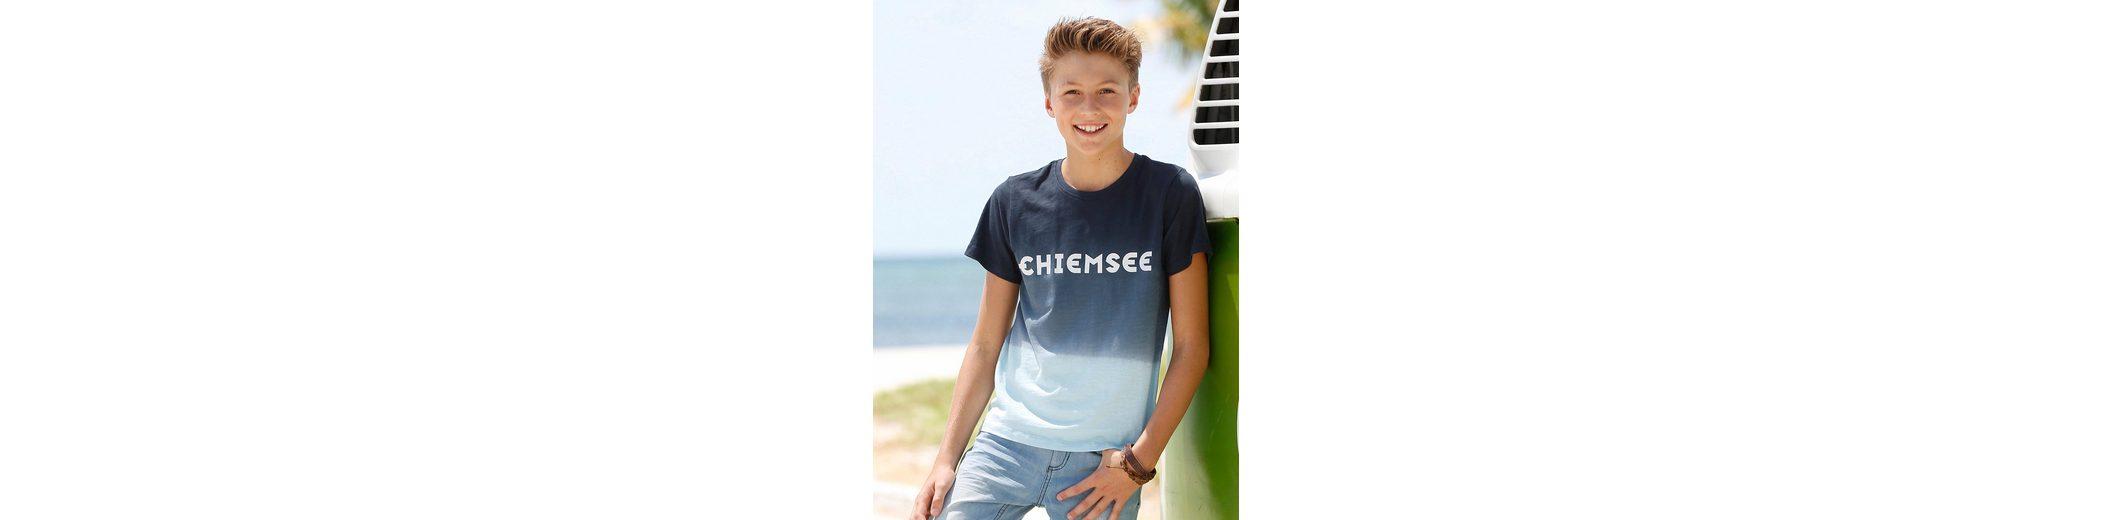 Chiemsee T-Shirt, mit Farbverlauf und Chiemsee-Druck